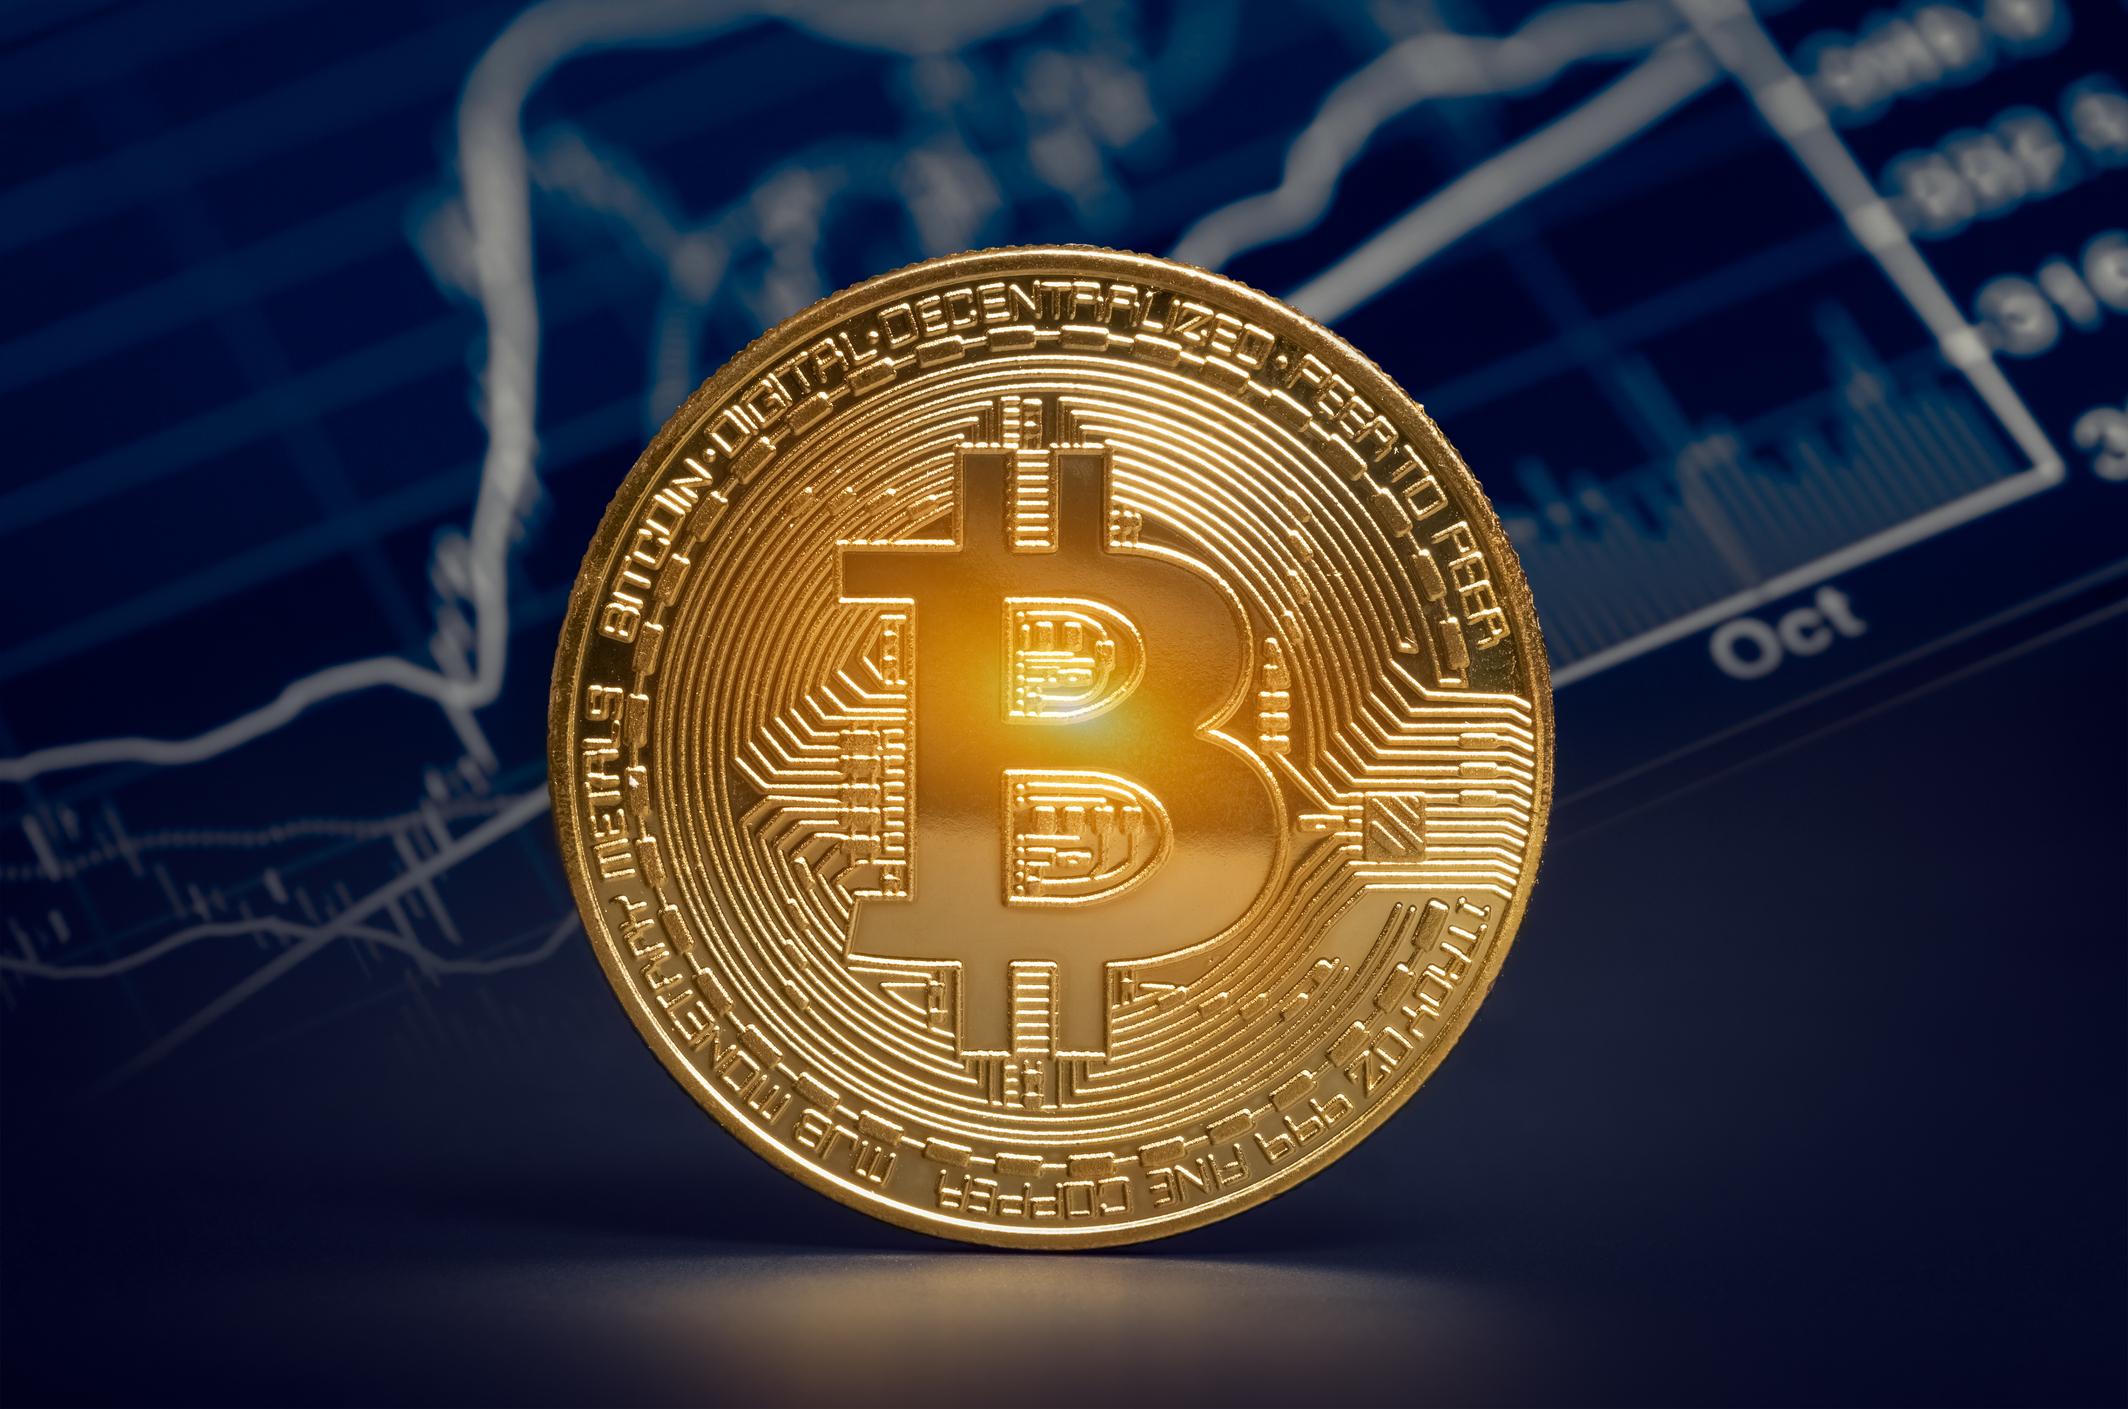 Golden token with bitcoin symbol.